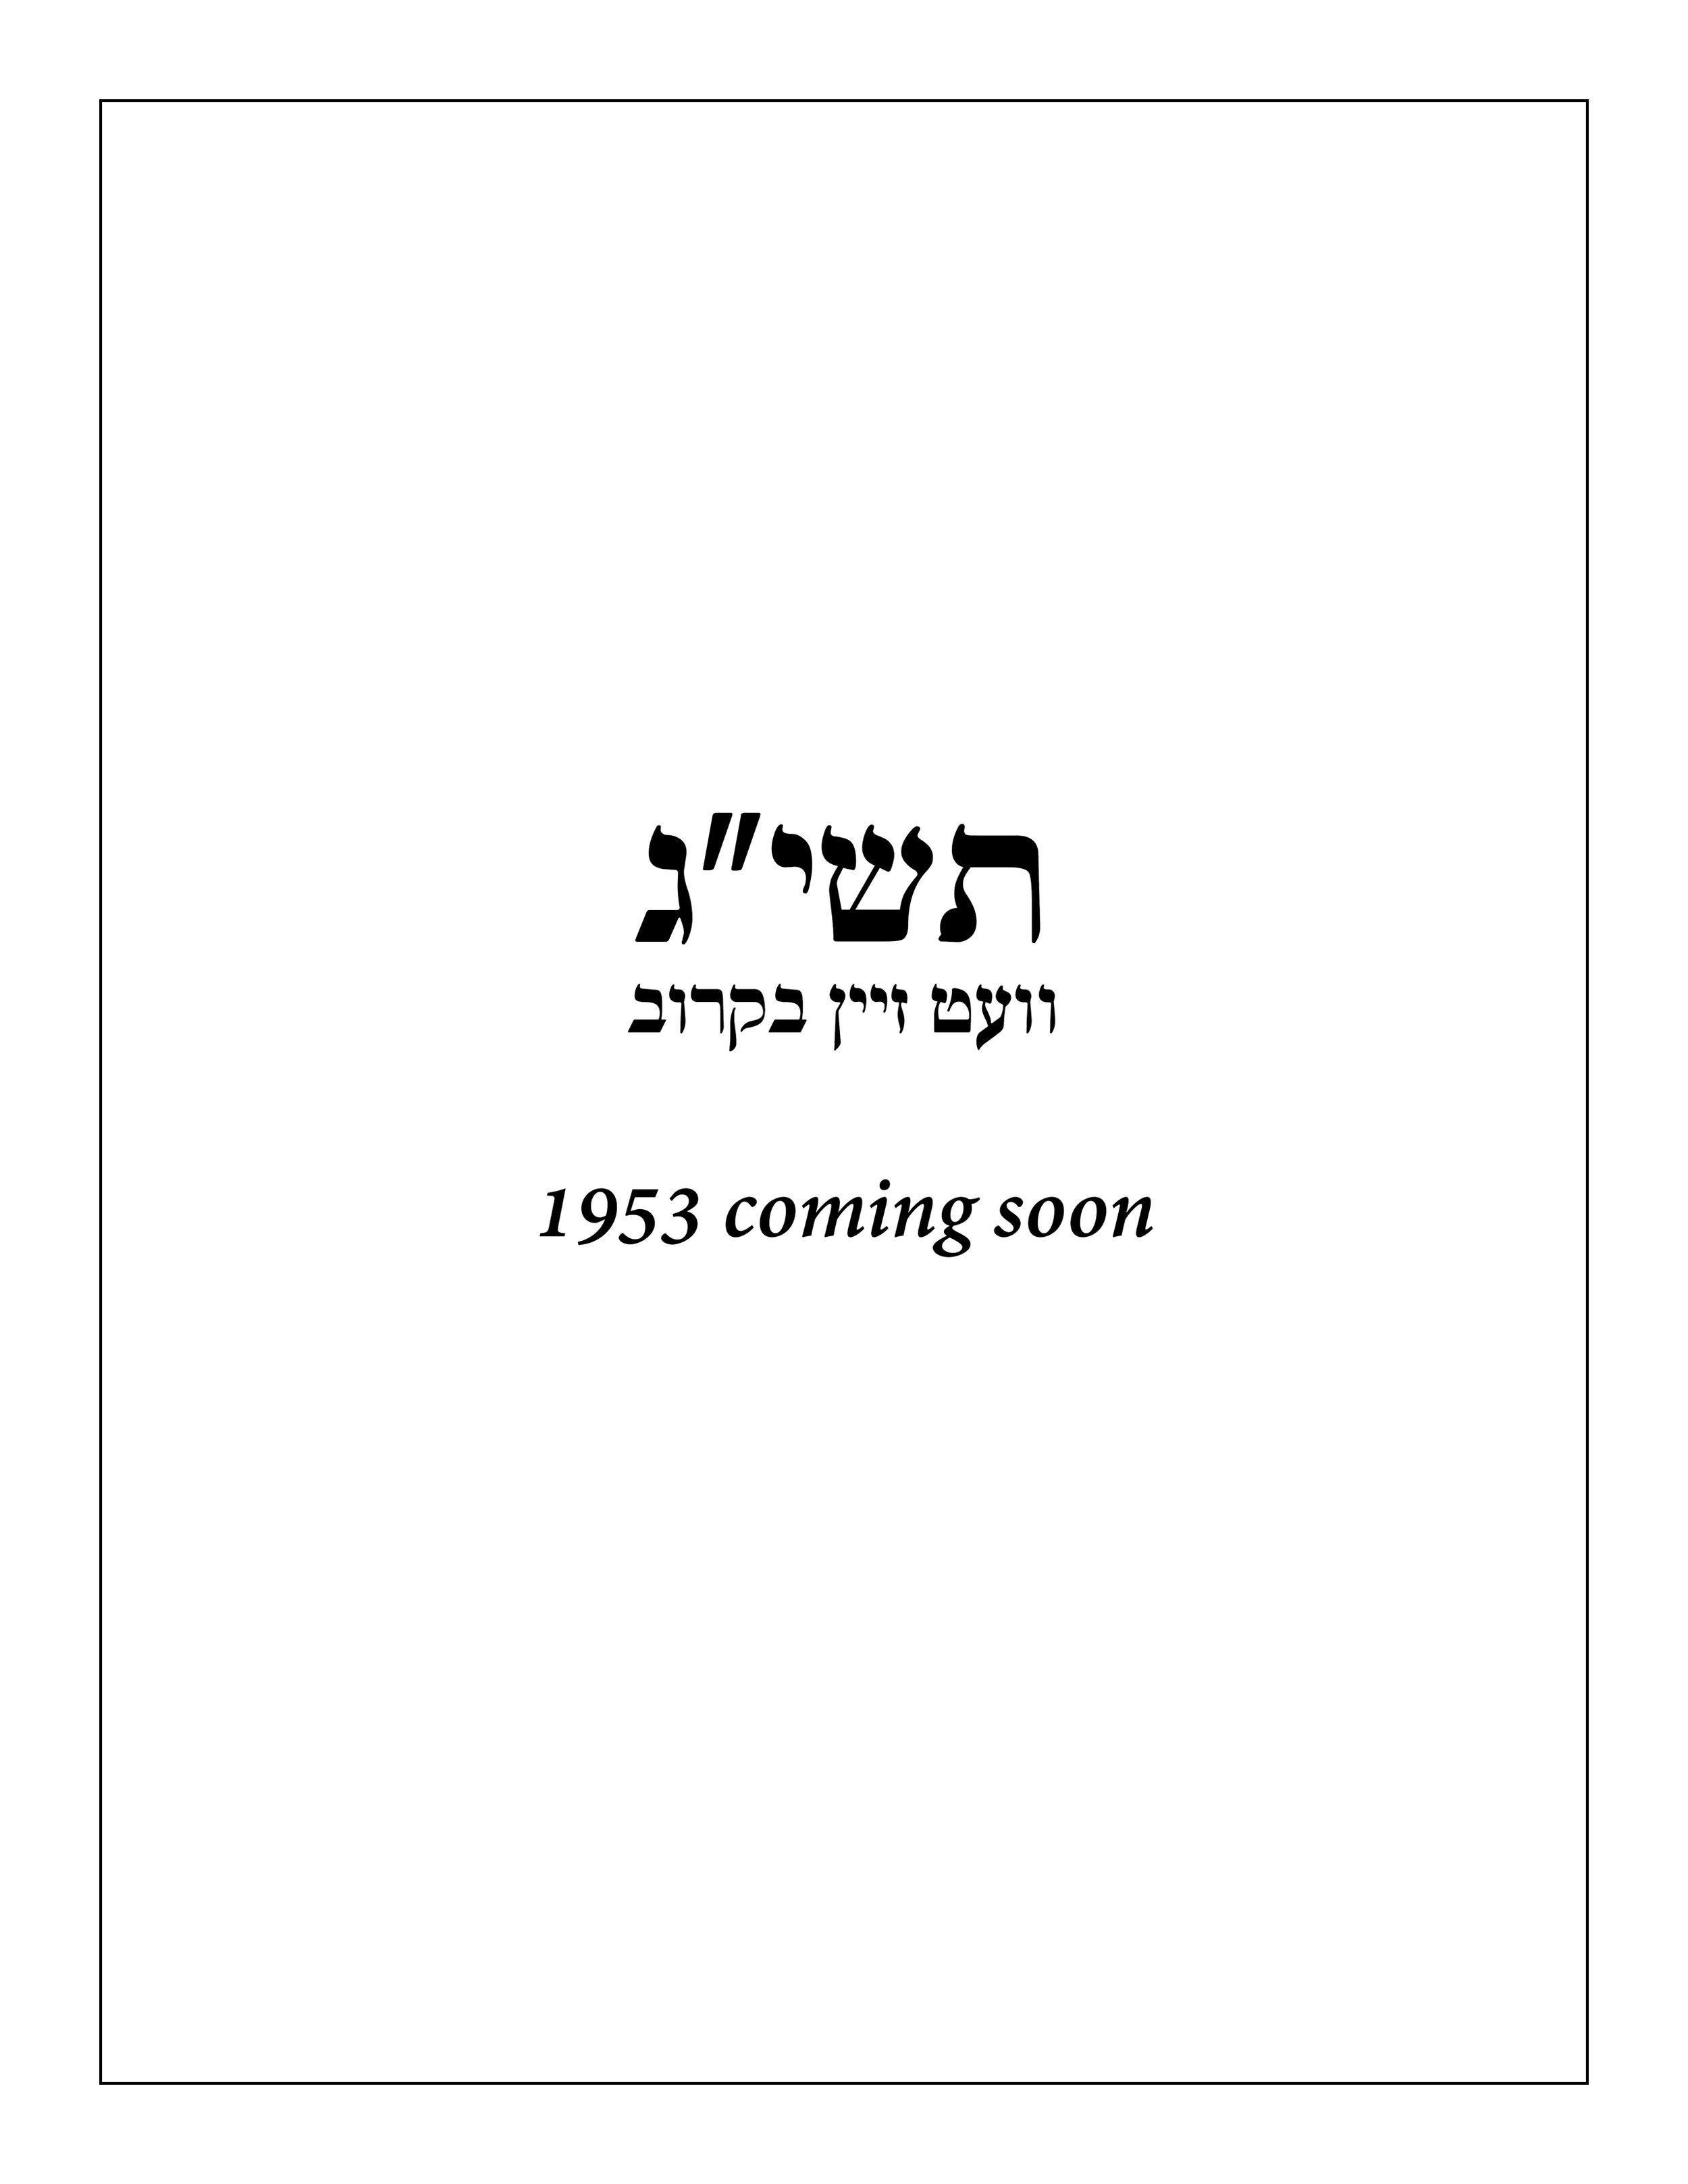 Coming soon years3.jpg